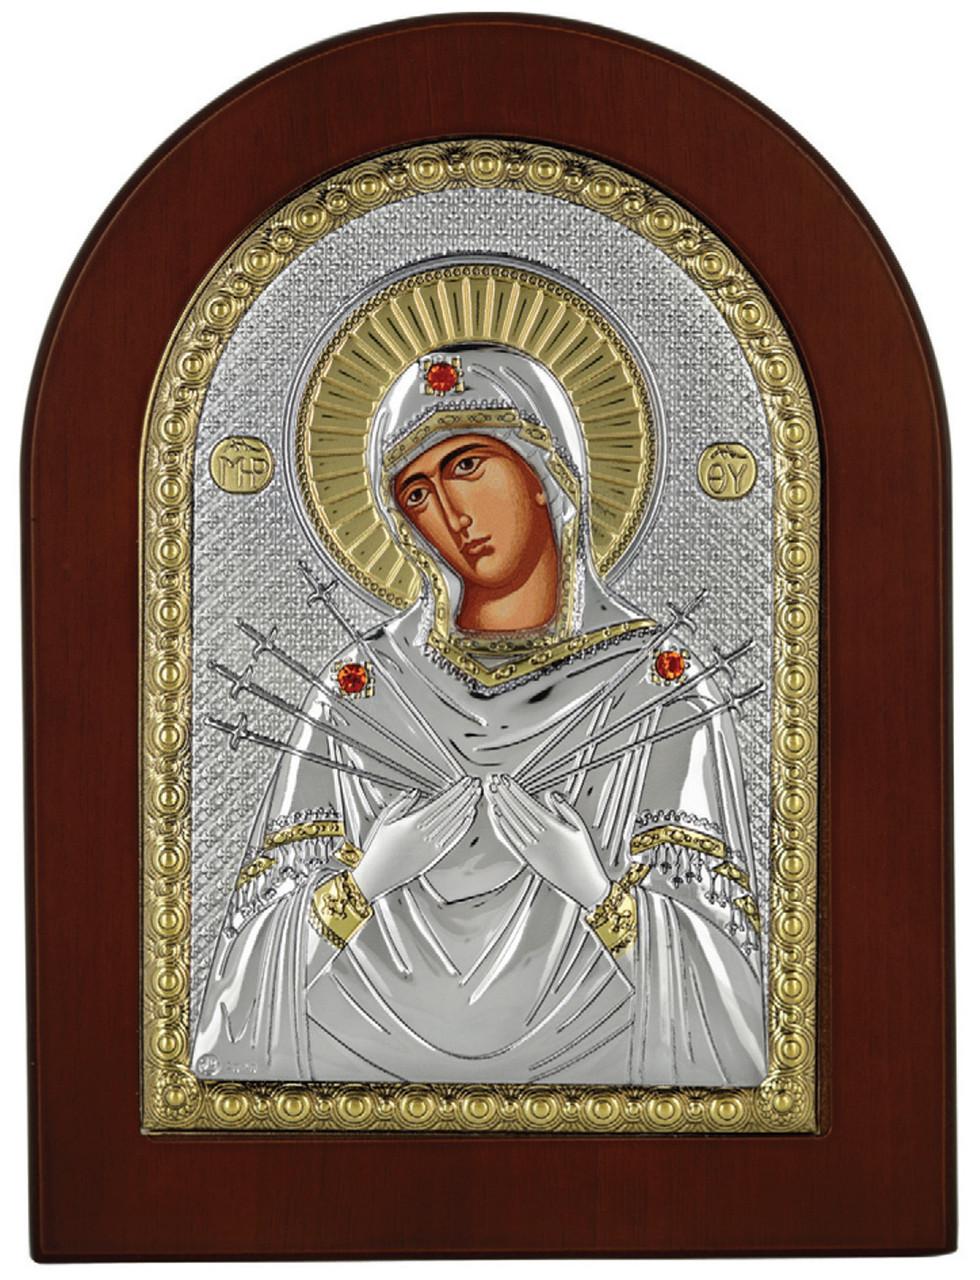 Икона Семистрельная Божья Матерь в серебряная и позолоте 20х25см (Греция)